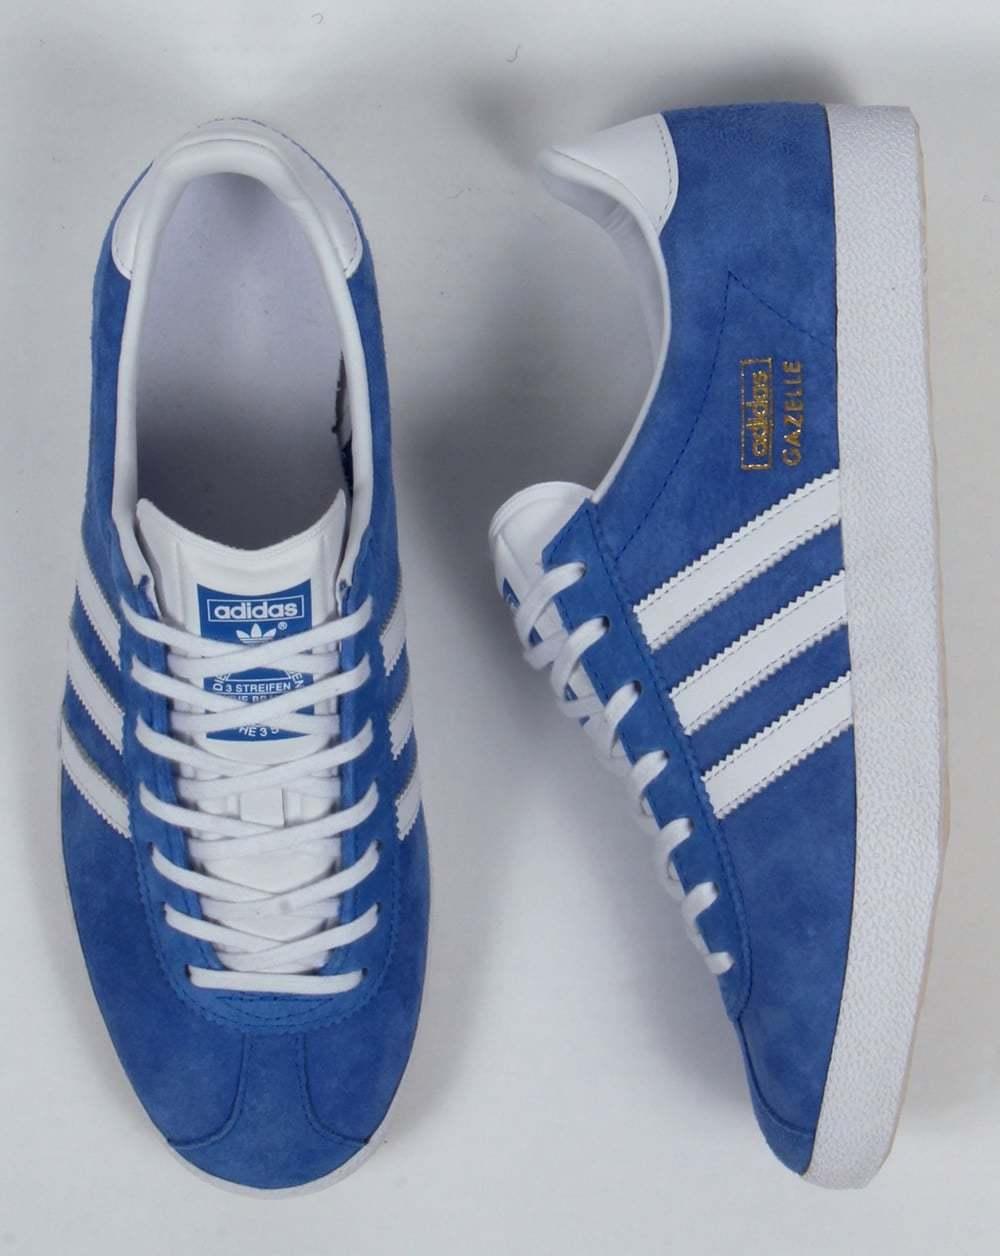 Adidas Originales OG Gazelle OG Originales Vintage Real Azul Blanco Nuevo Y En Caja c0fb5e